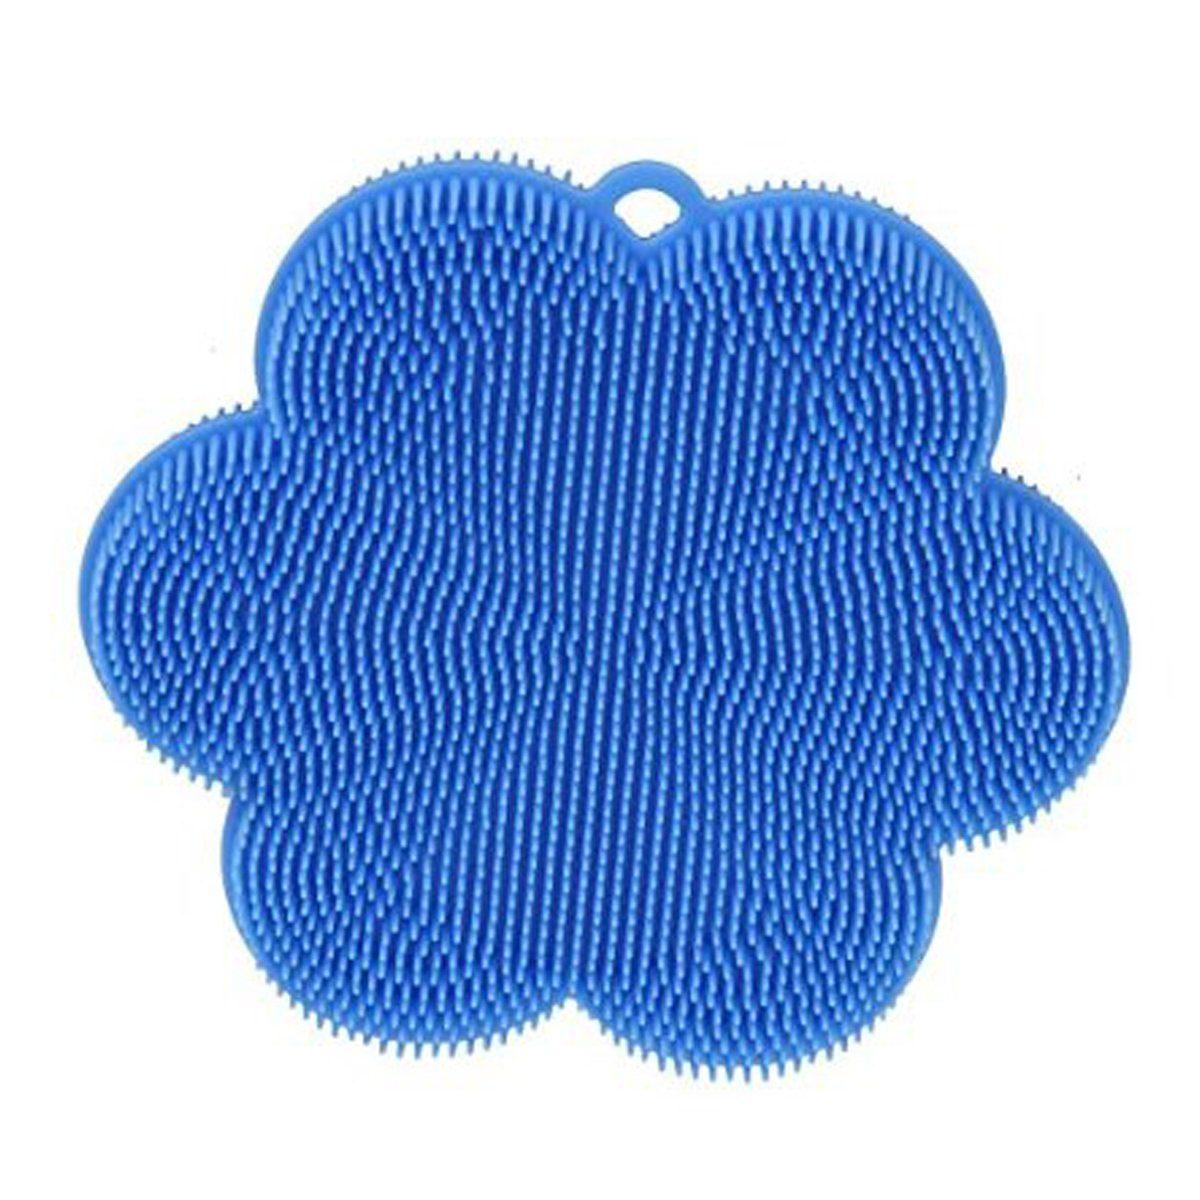 Kochblume SWISCH Silikonschwamm und Fusselbürste hellblau